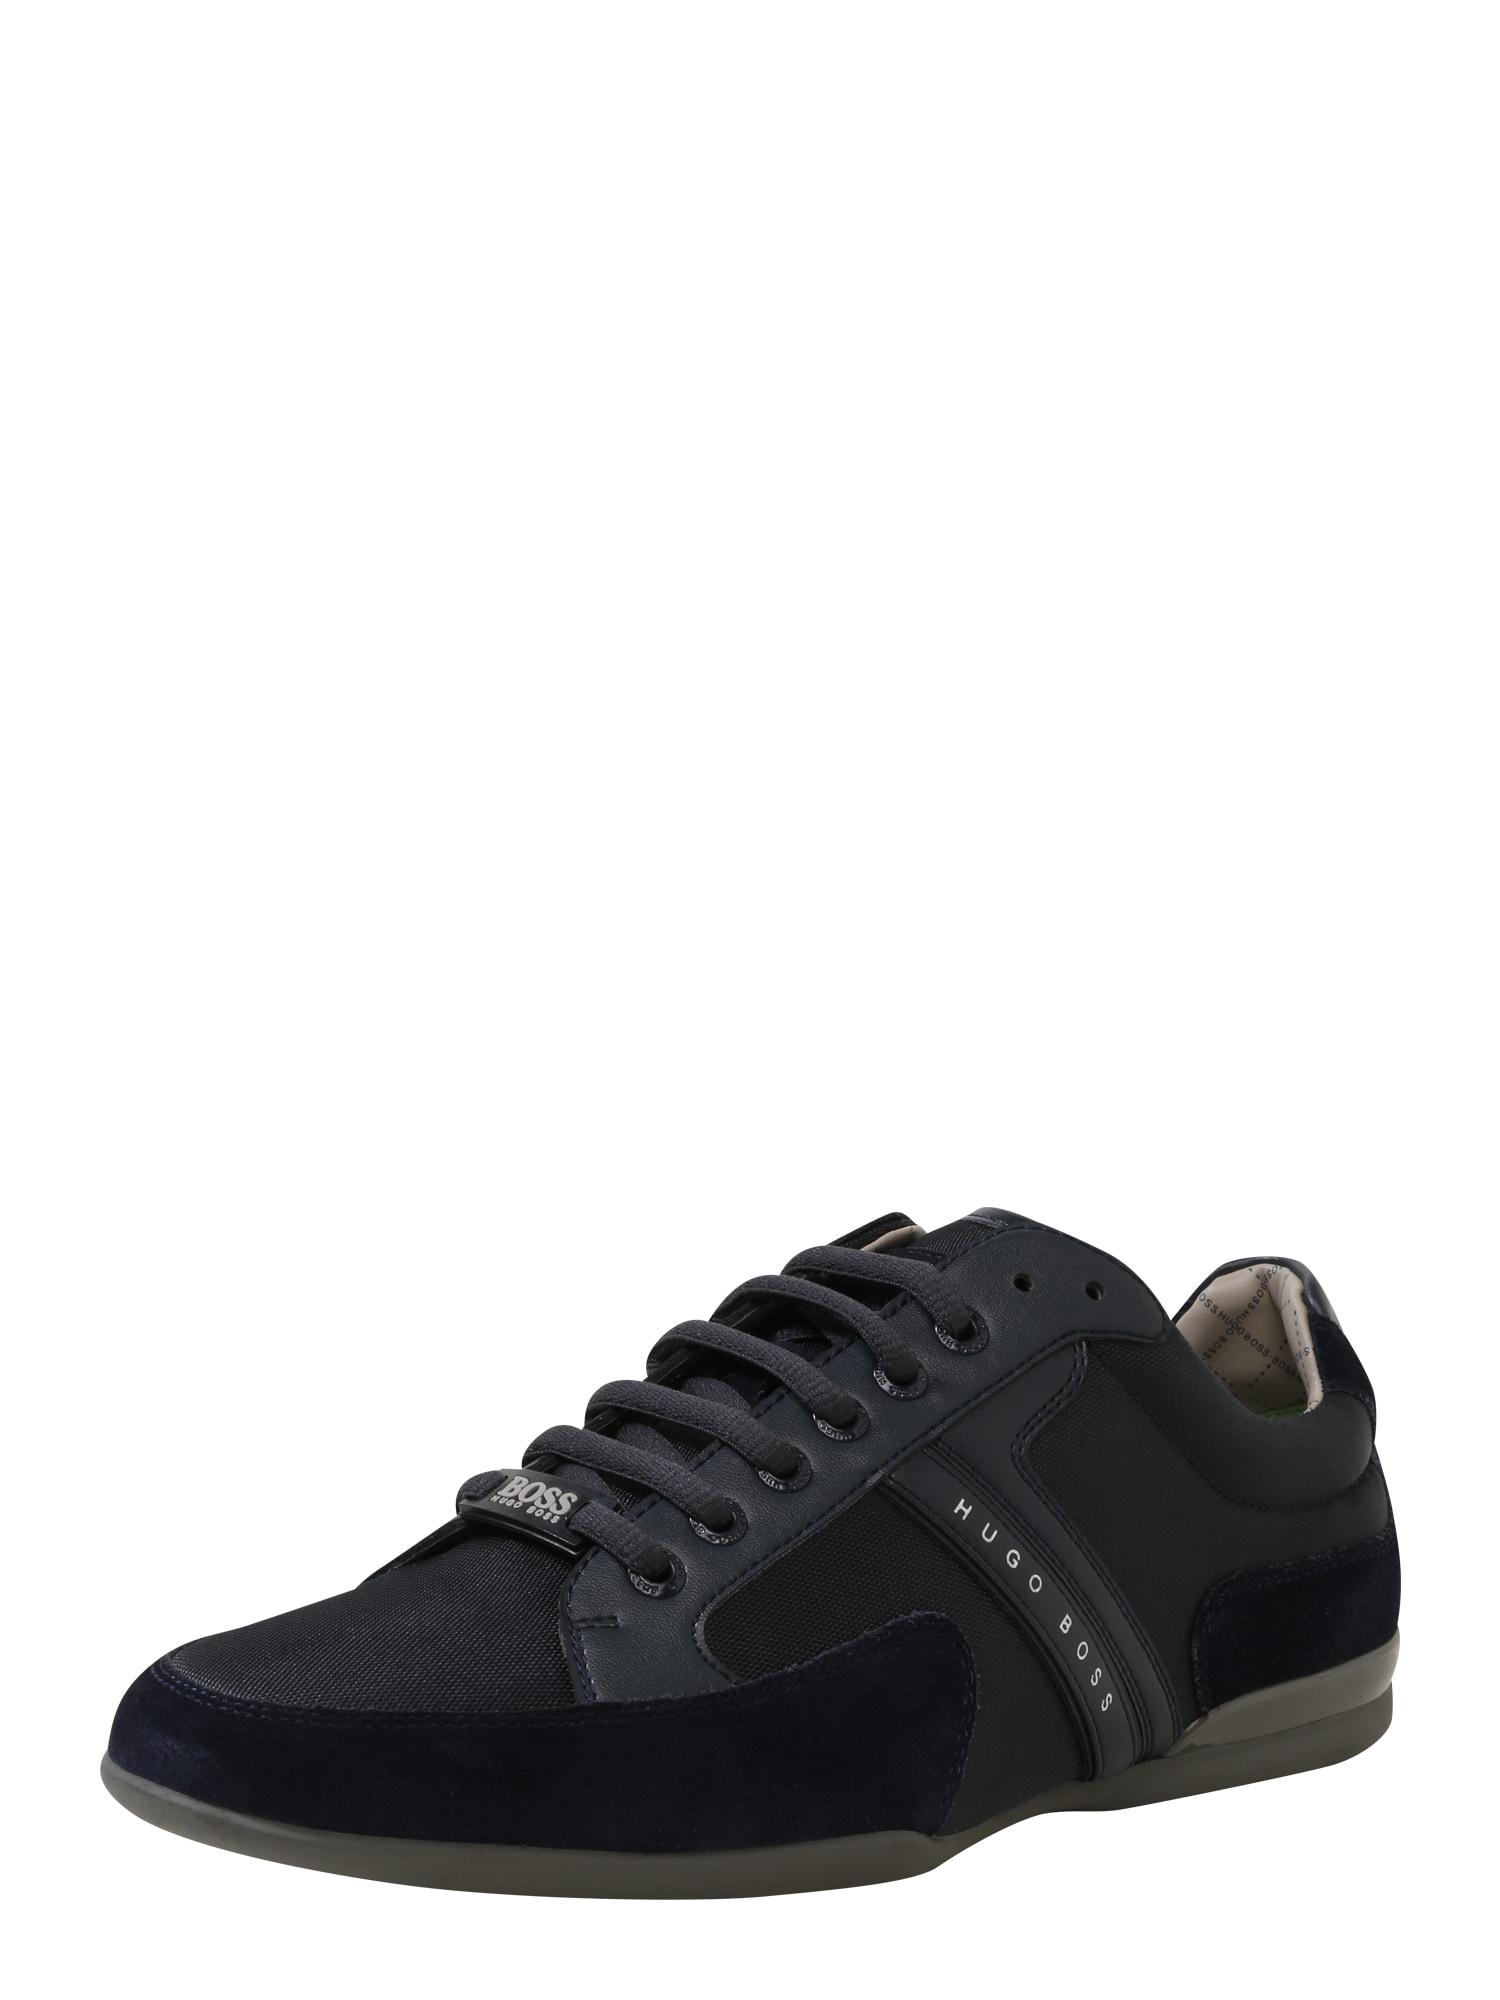 Sportovní šněrovací boty Spacit námořnická modř BOSS